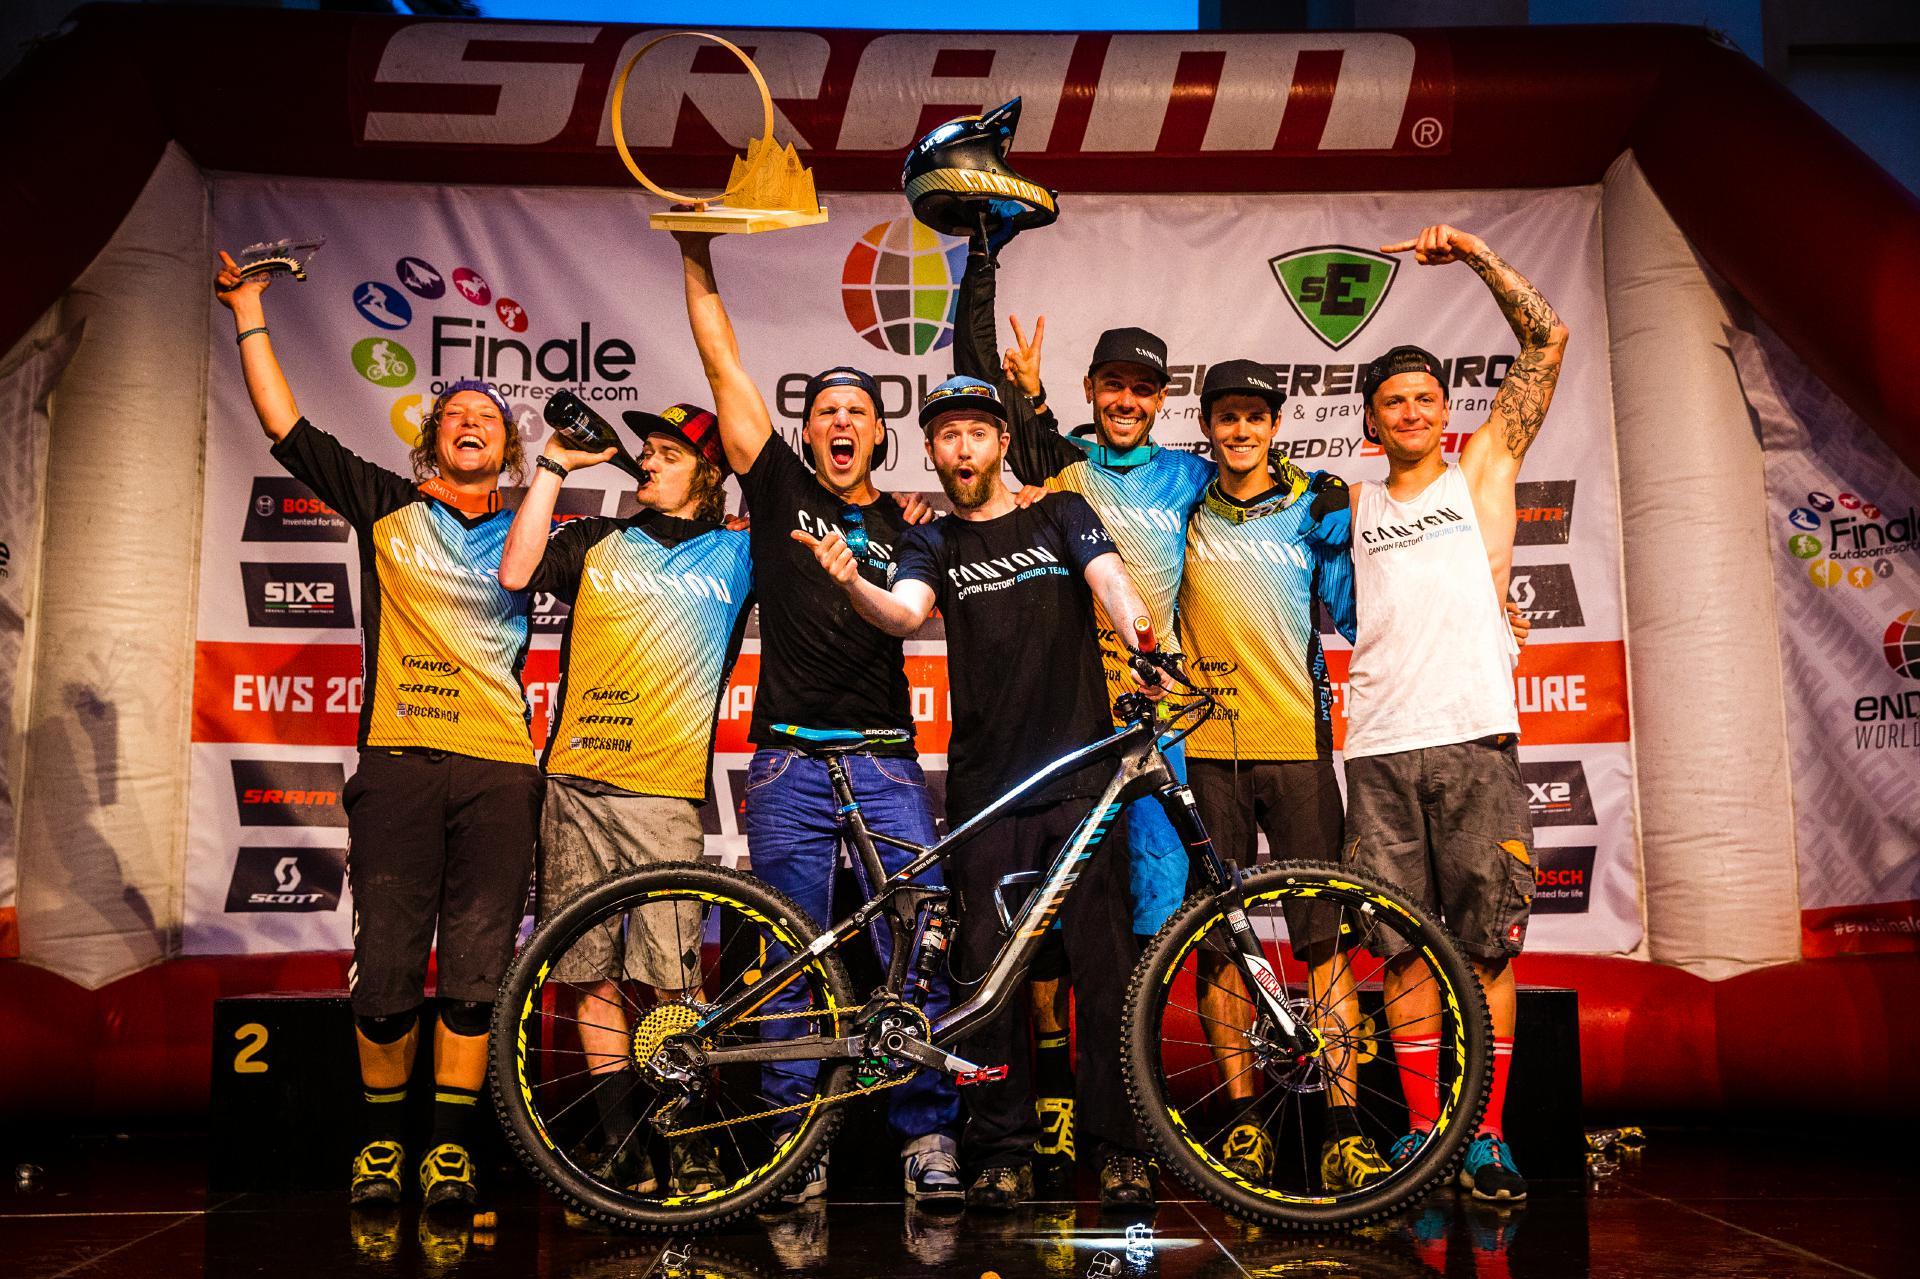 Das Canyon Factory Enduro Team konnte die Team-Gesamtwertung für sich entscheiden. Foto: Matt Wragg.